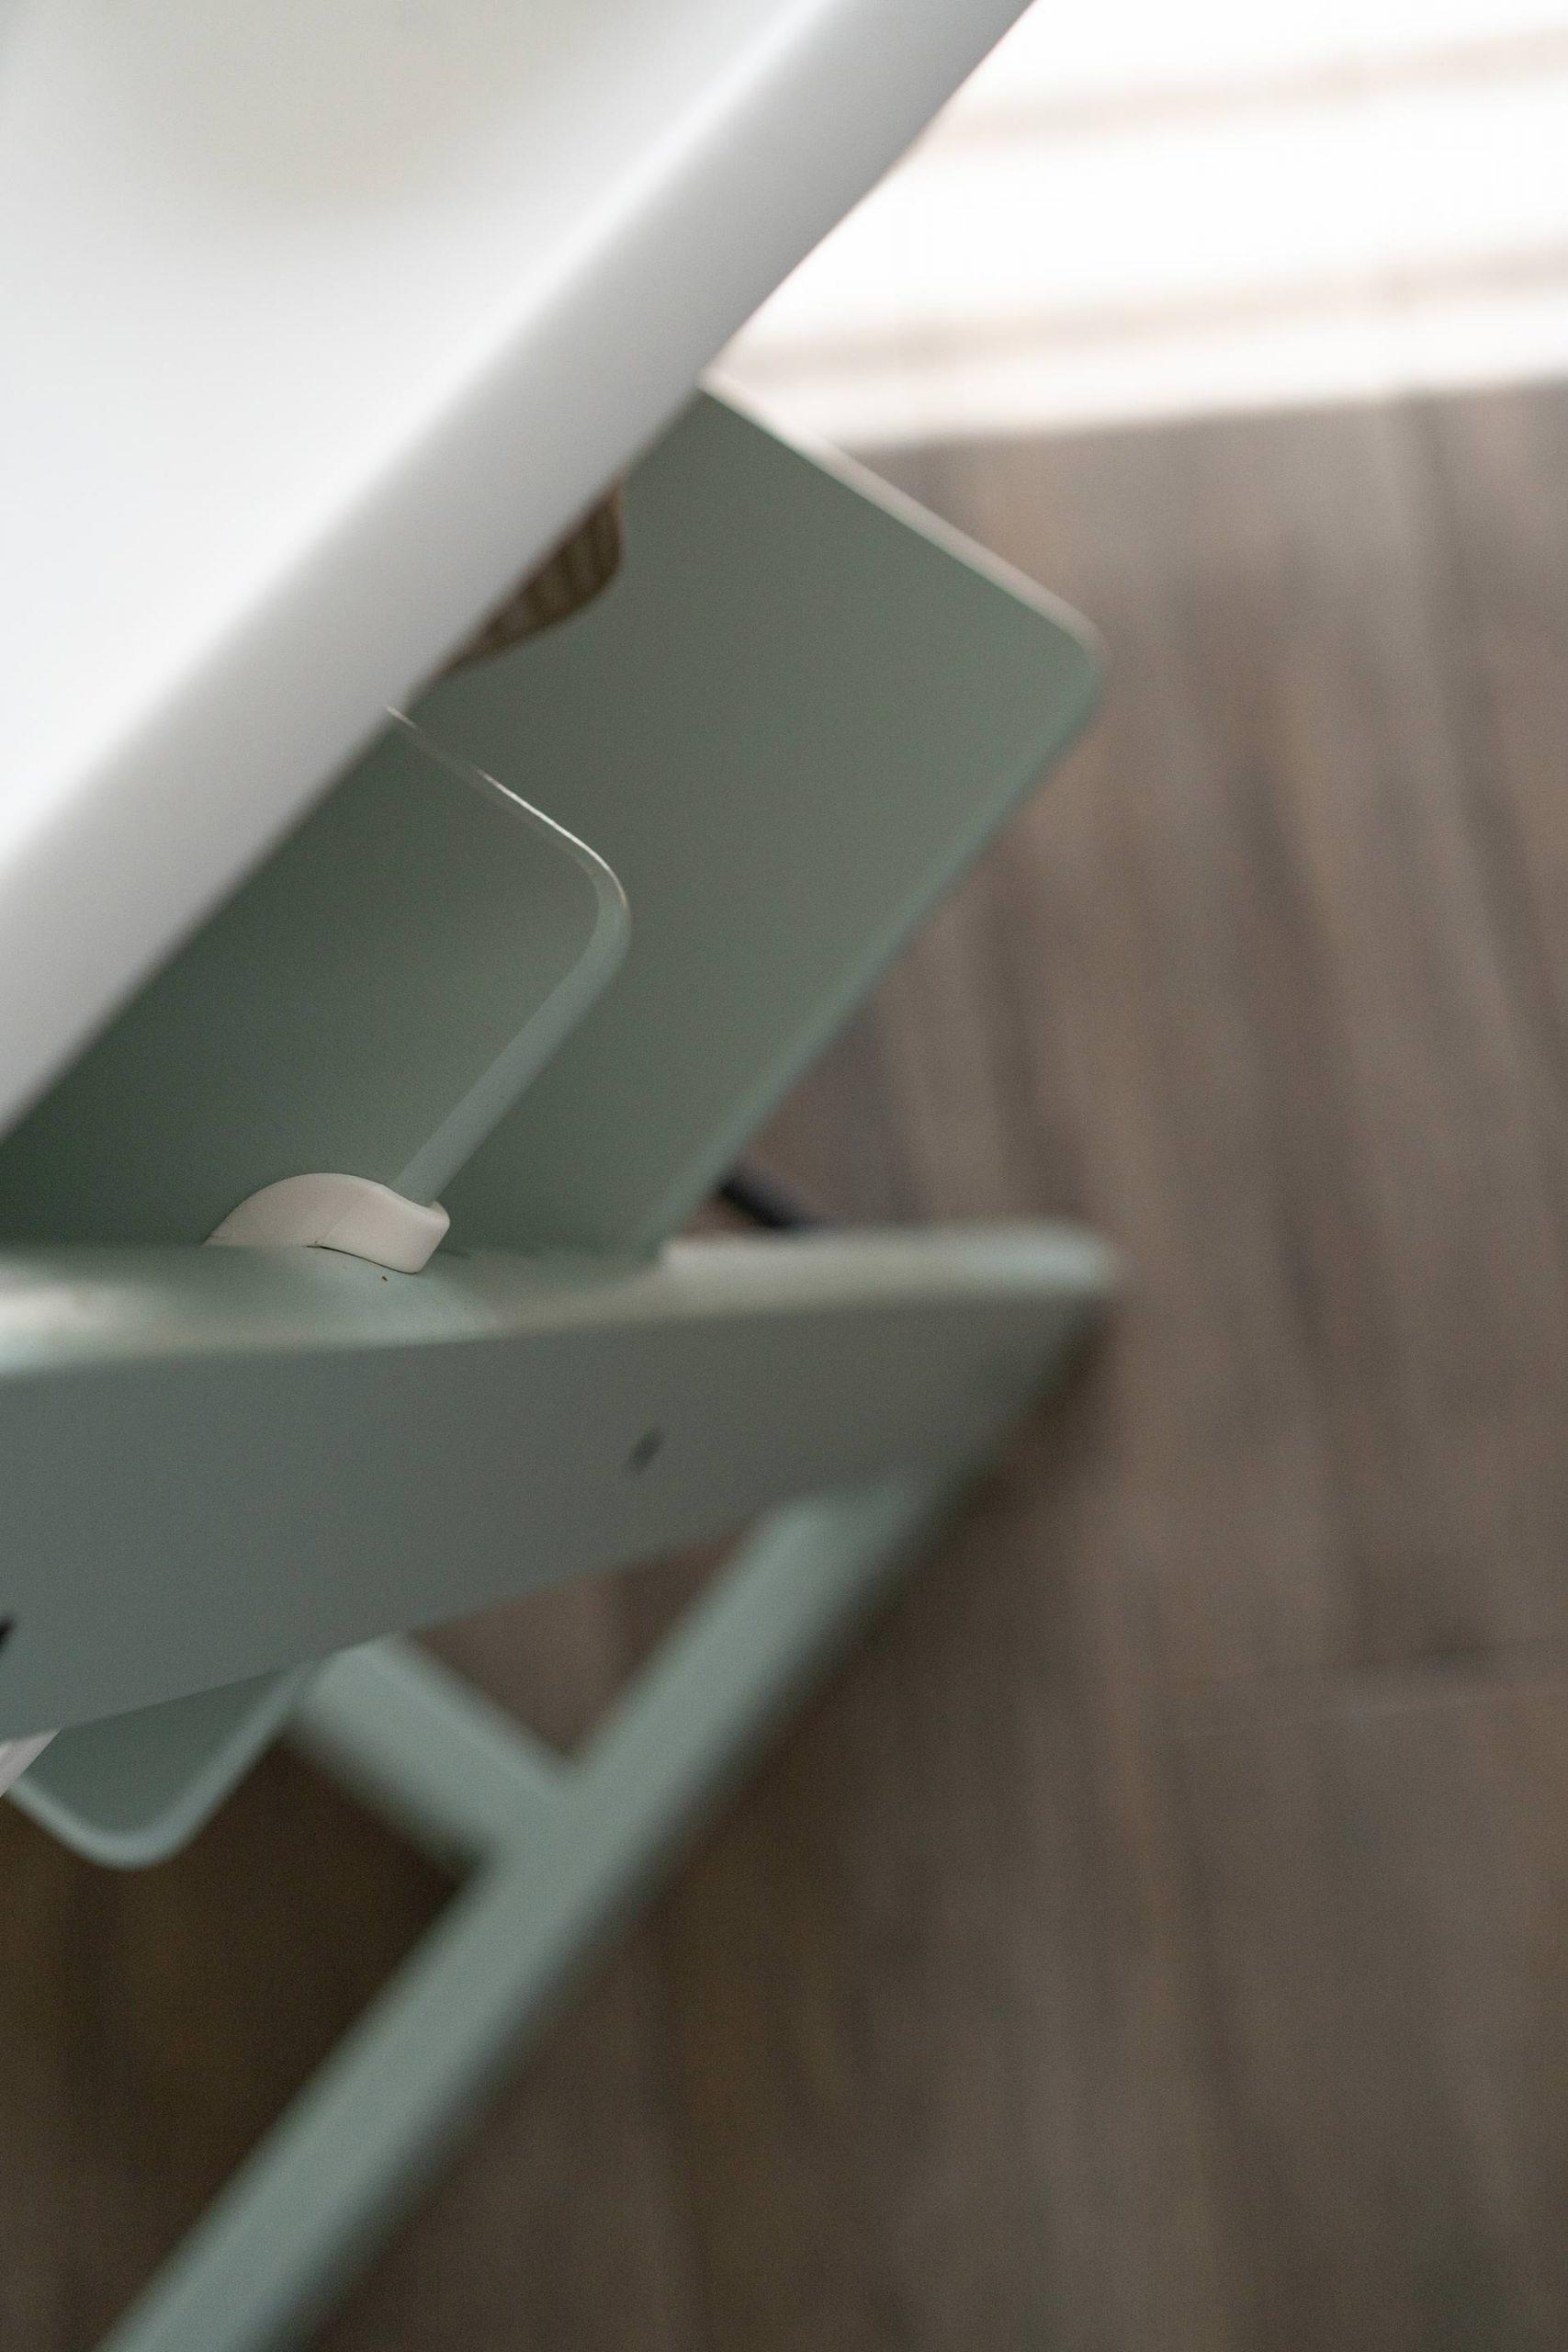 Produktplatzierung. Was du für einen entspannten Beikoststart benötigst und nützliche Tipps und Tricks für die erste Zeit findest du jetzt am Mamablog. www.whoismocca.com